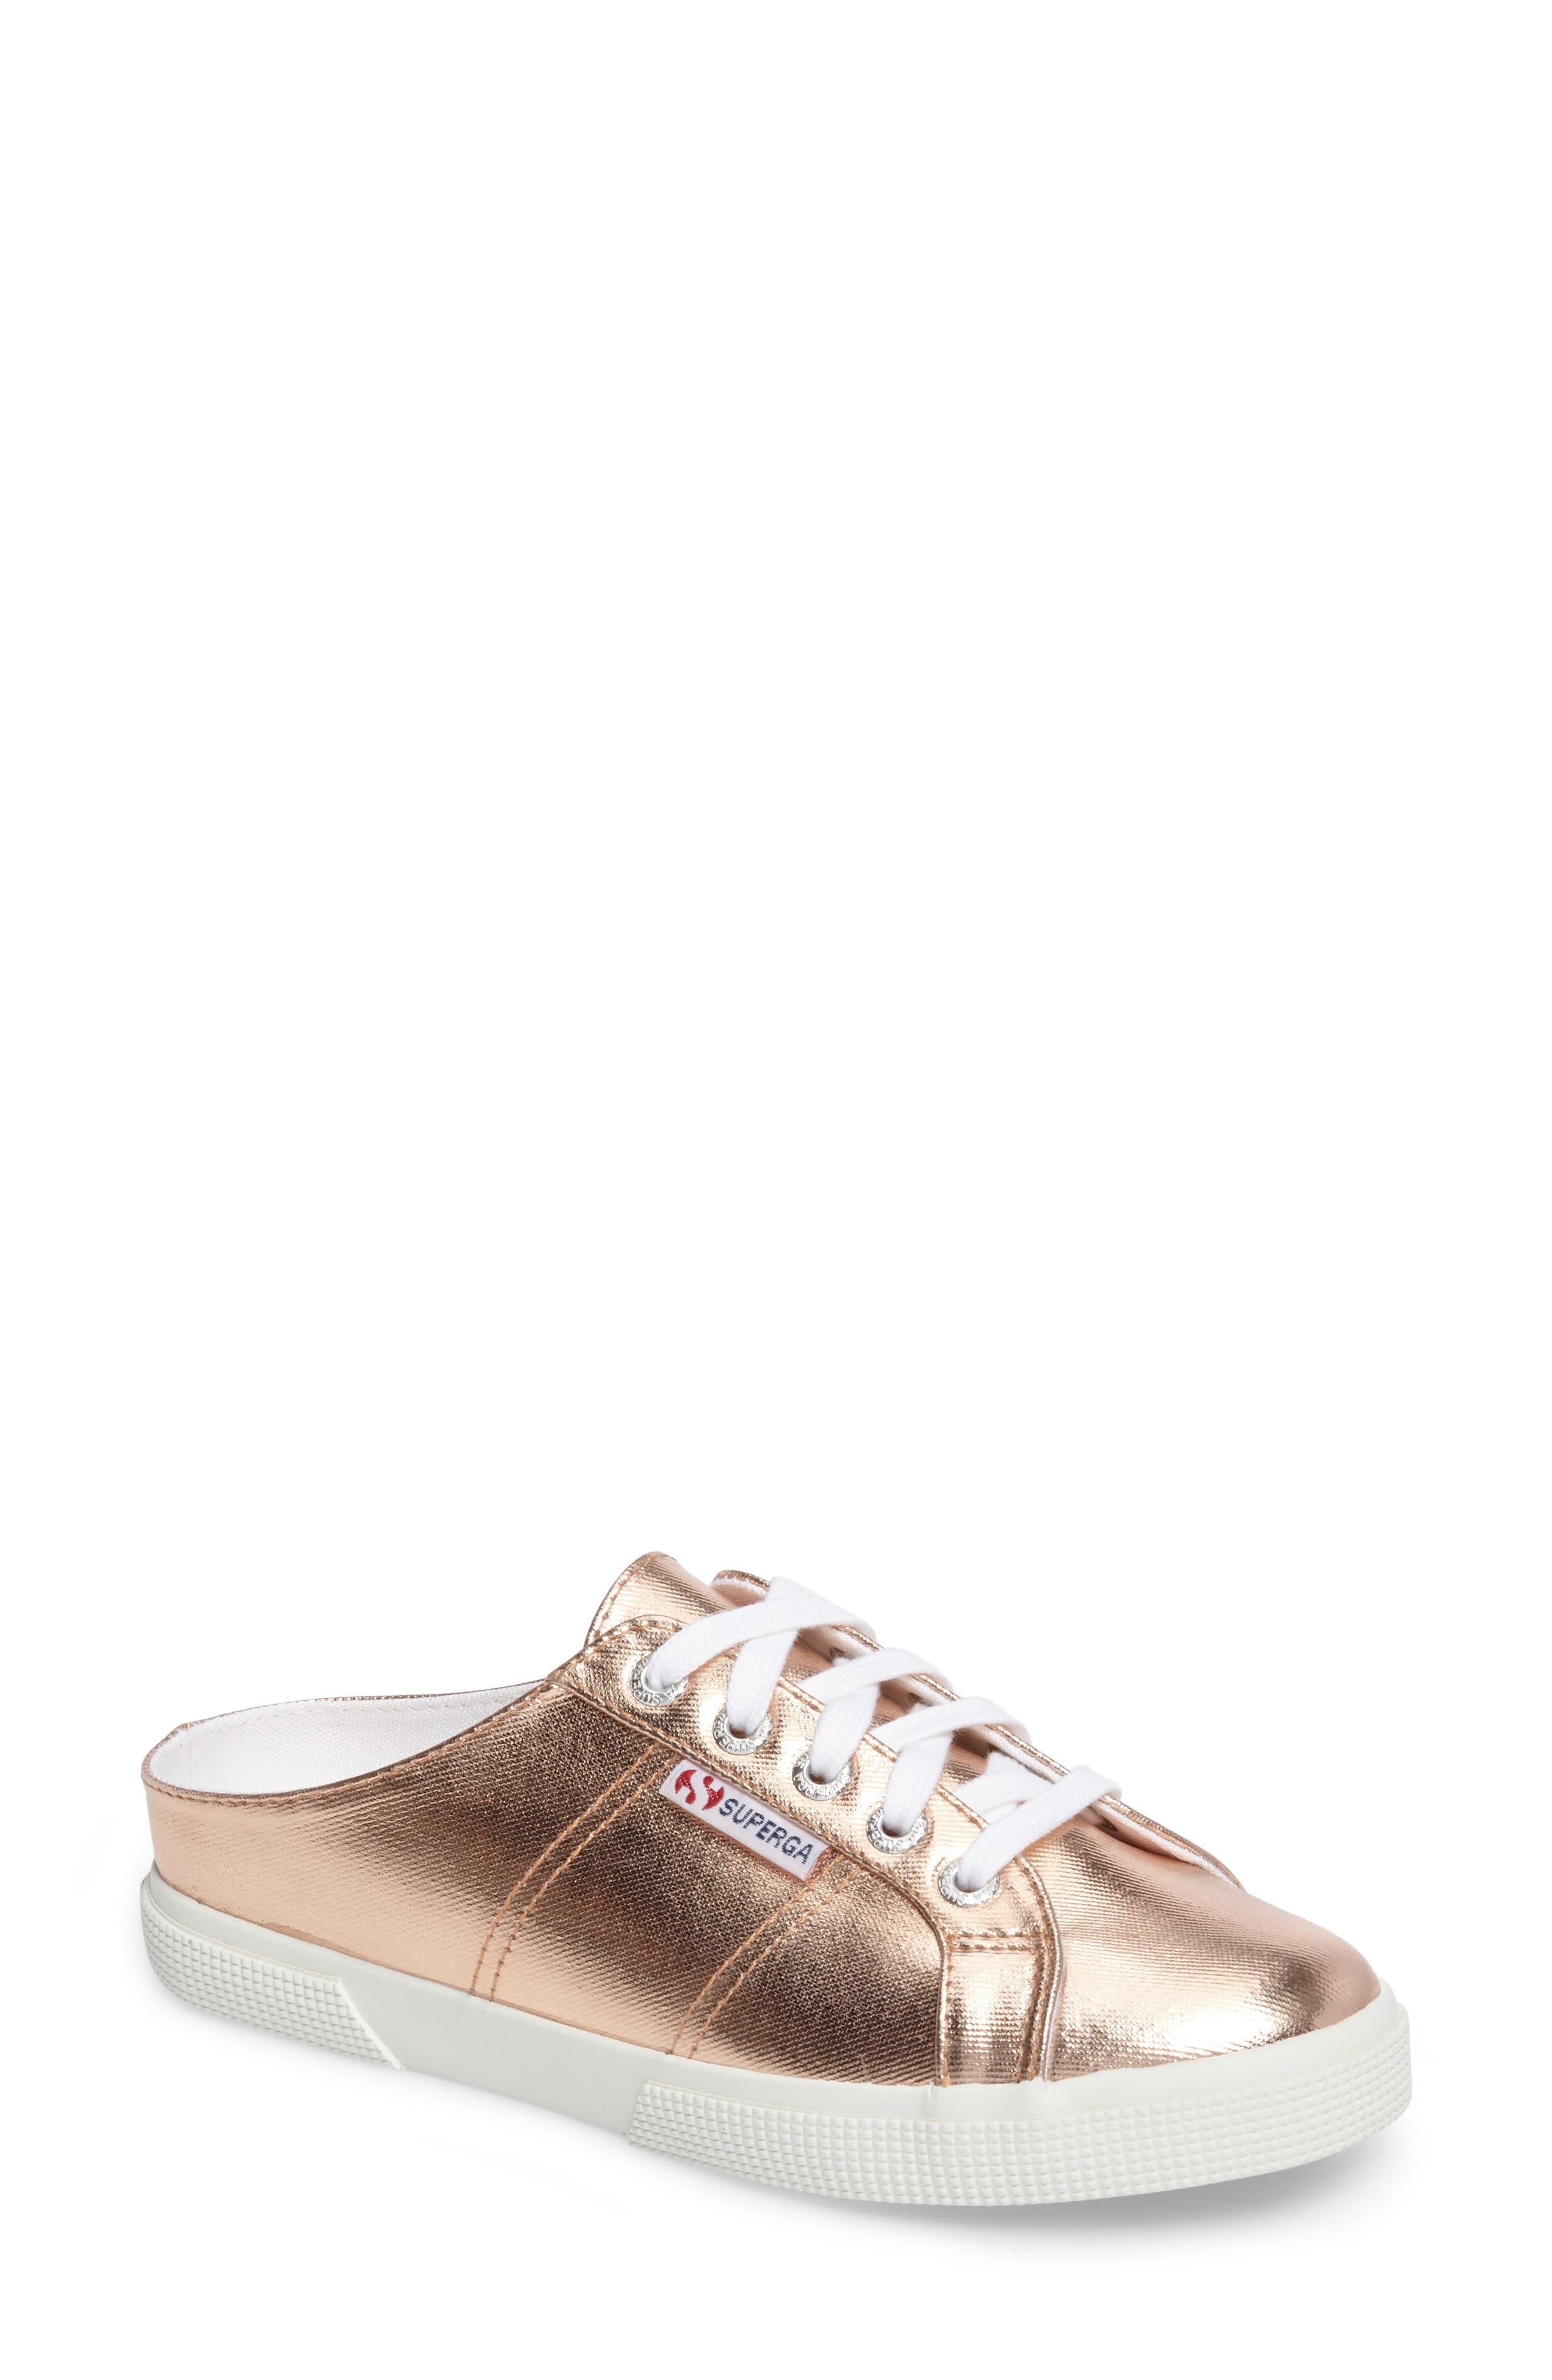 2288 Sneaker Mule,                         Main,                         color, Rose Gold